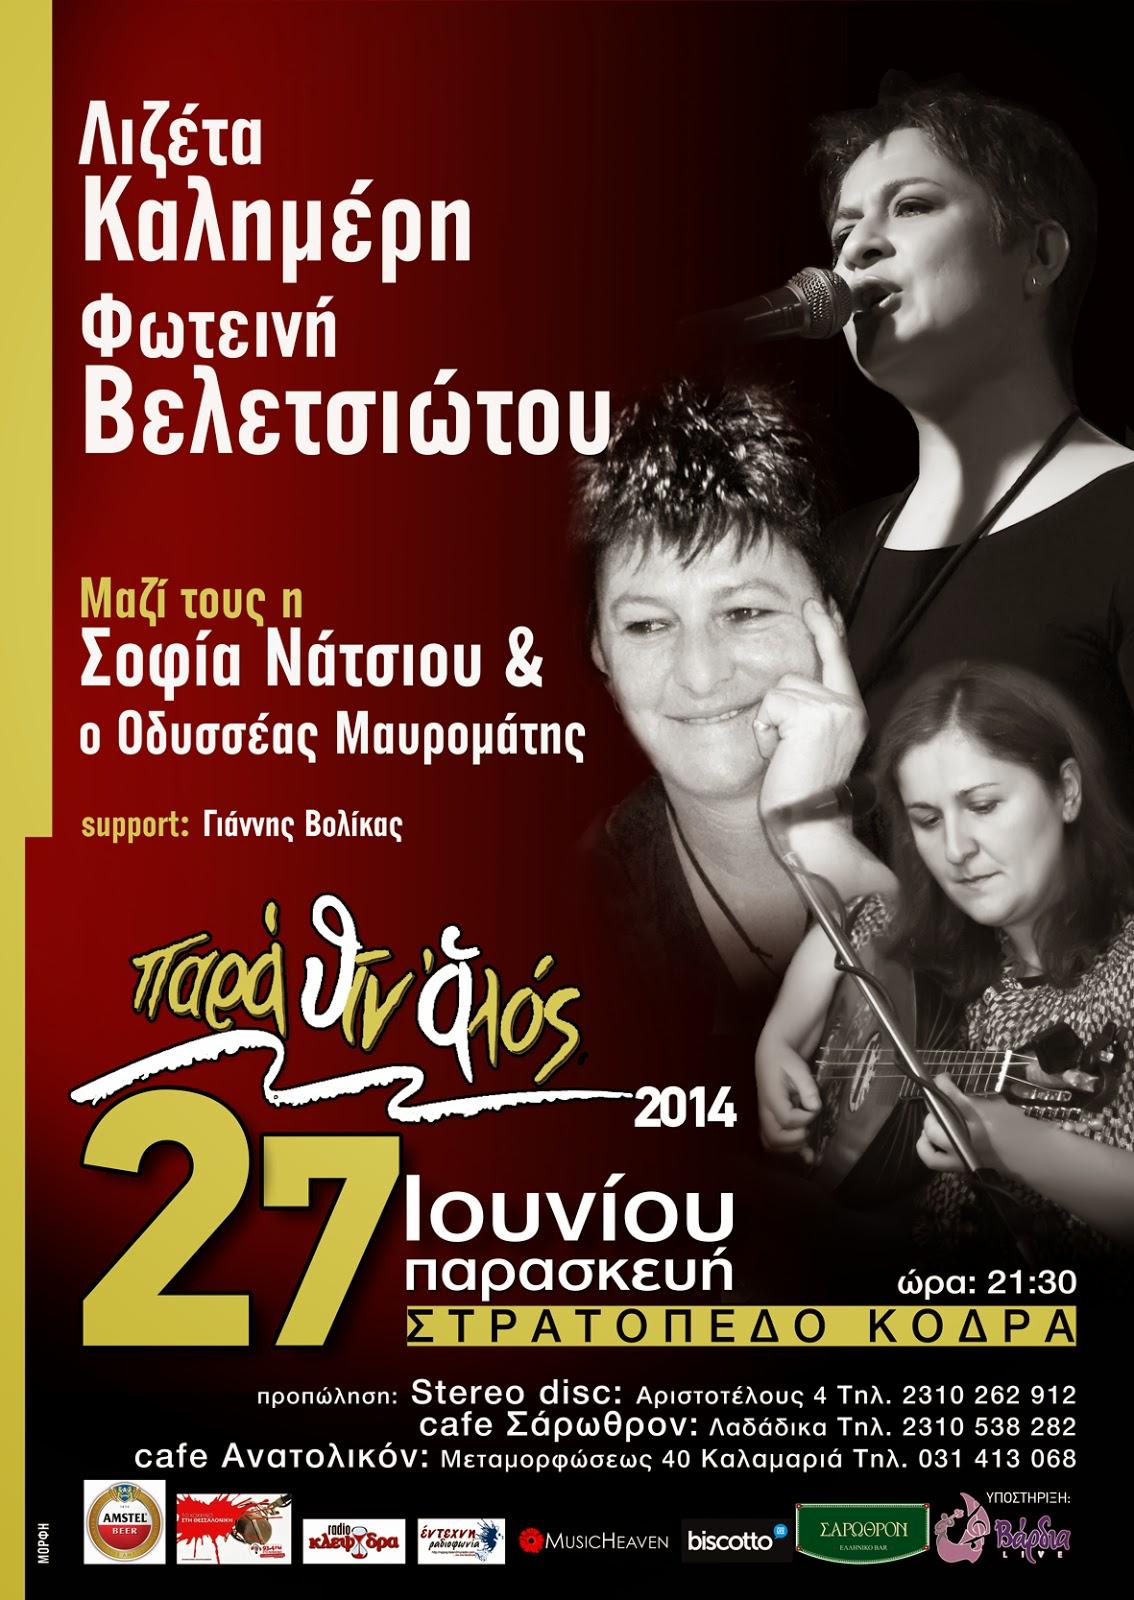 lizeta-kalimeri-foteini-velesiotou-mazi-tous-i-sofia-natsiou-27-ioynioy-2014